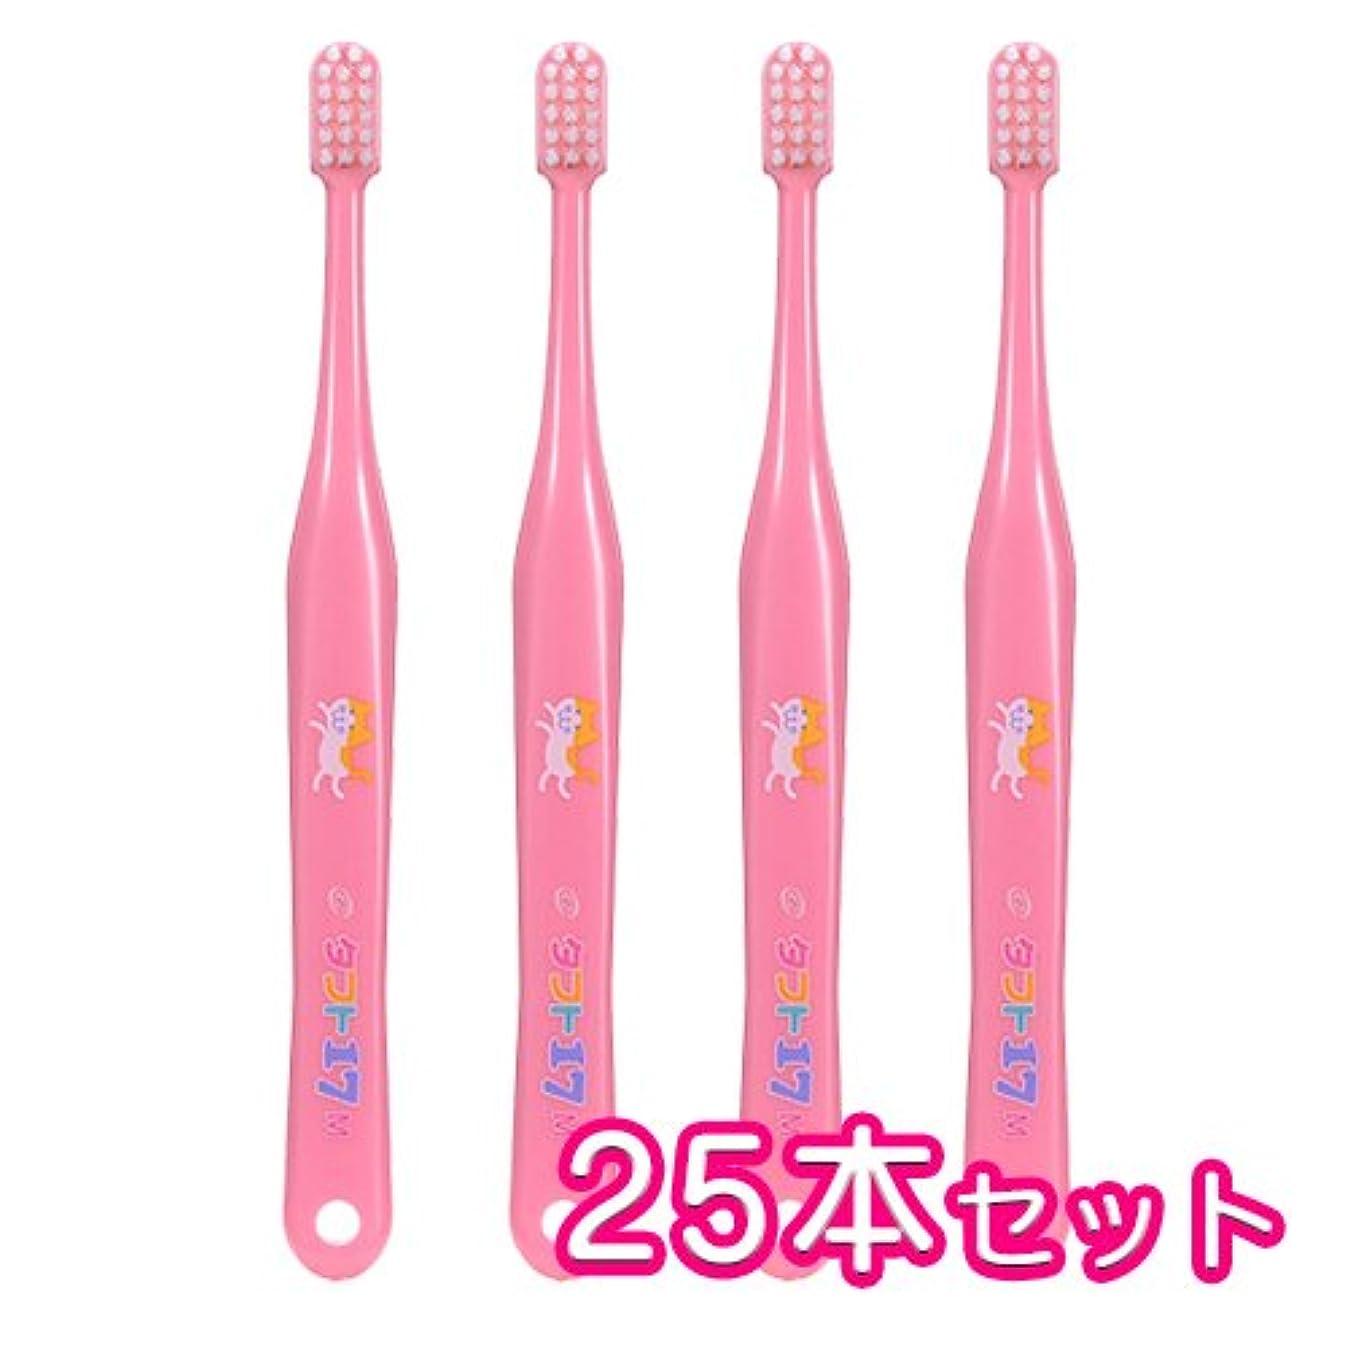 オーラルケア タフト17 歯ブラシ ミディアム 25本入 M ピンク